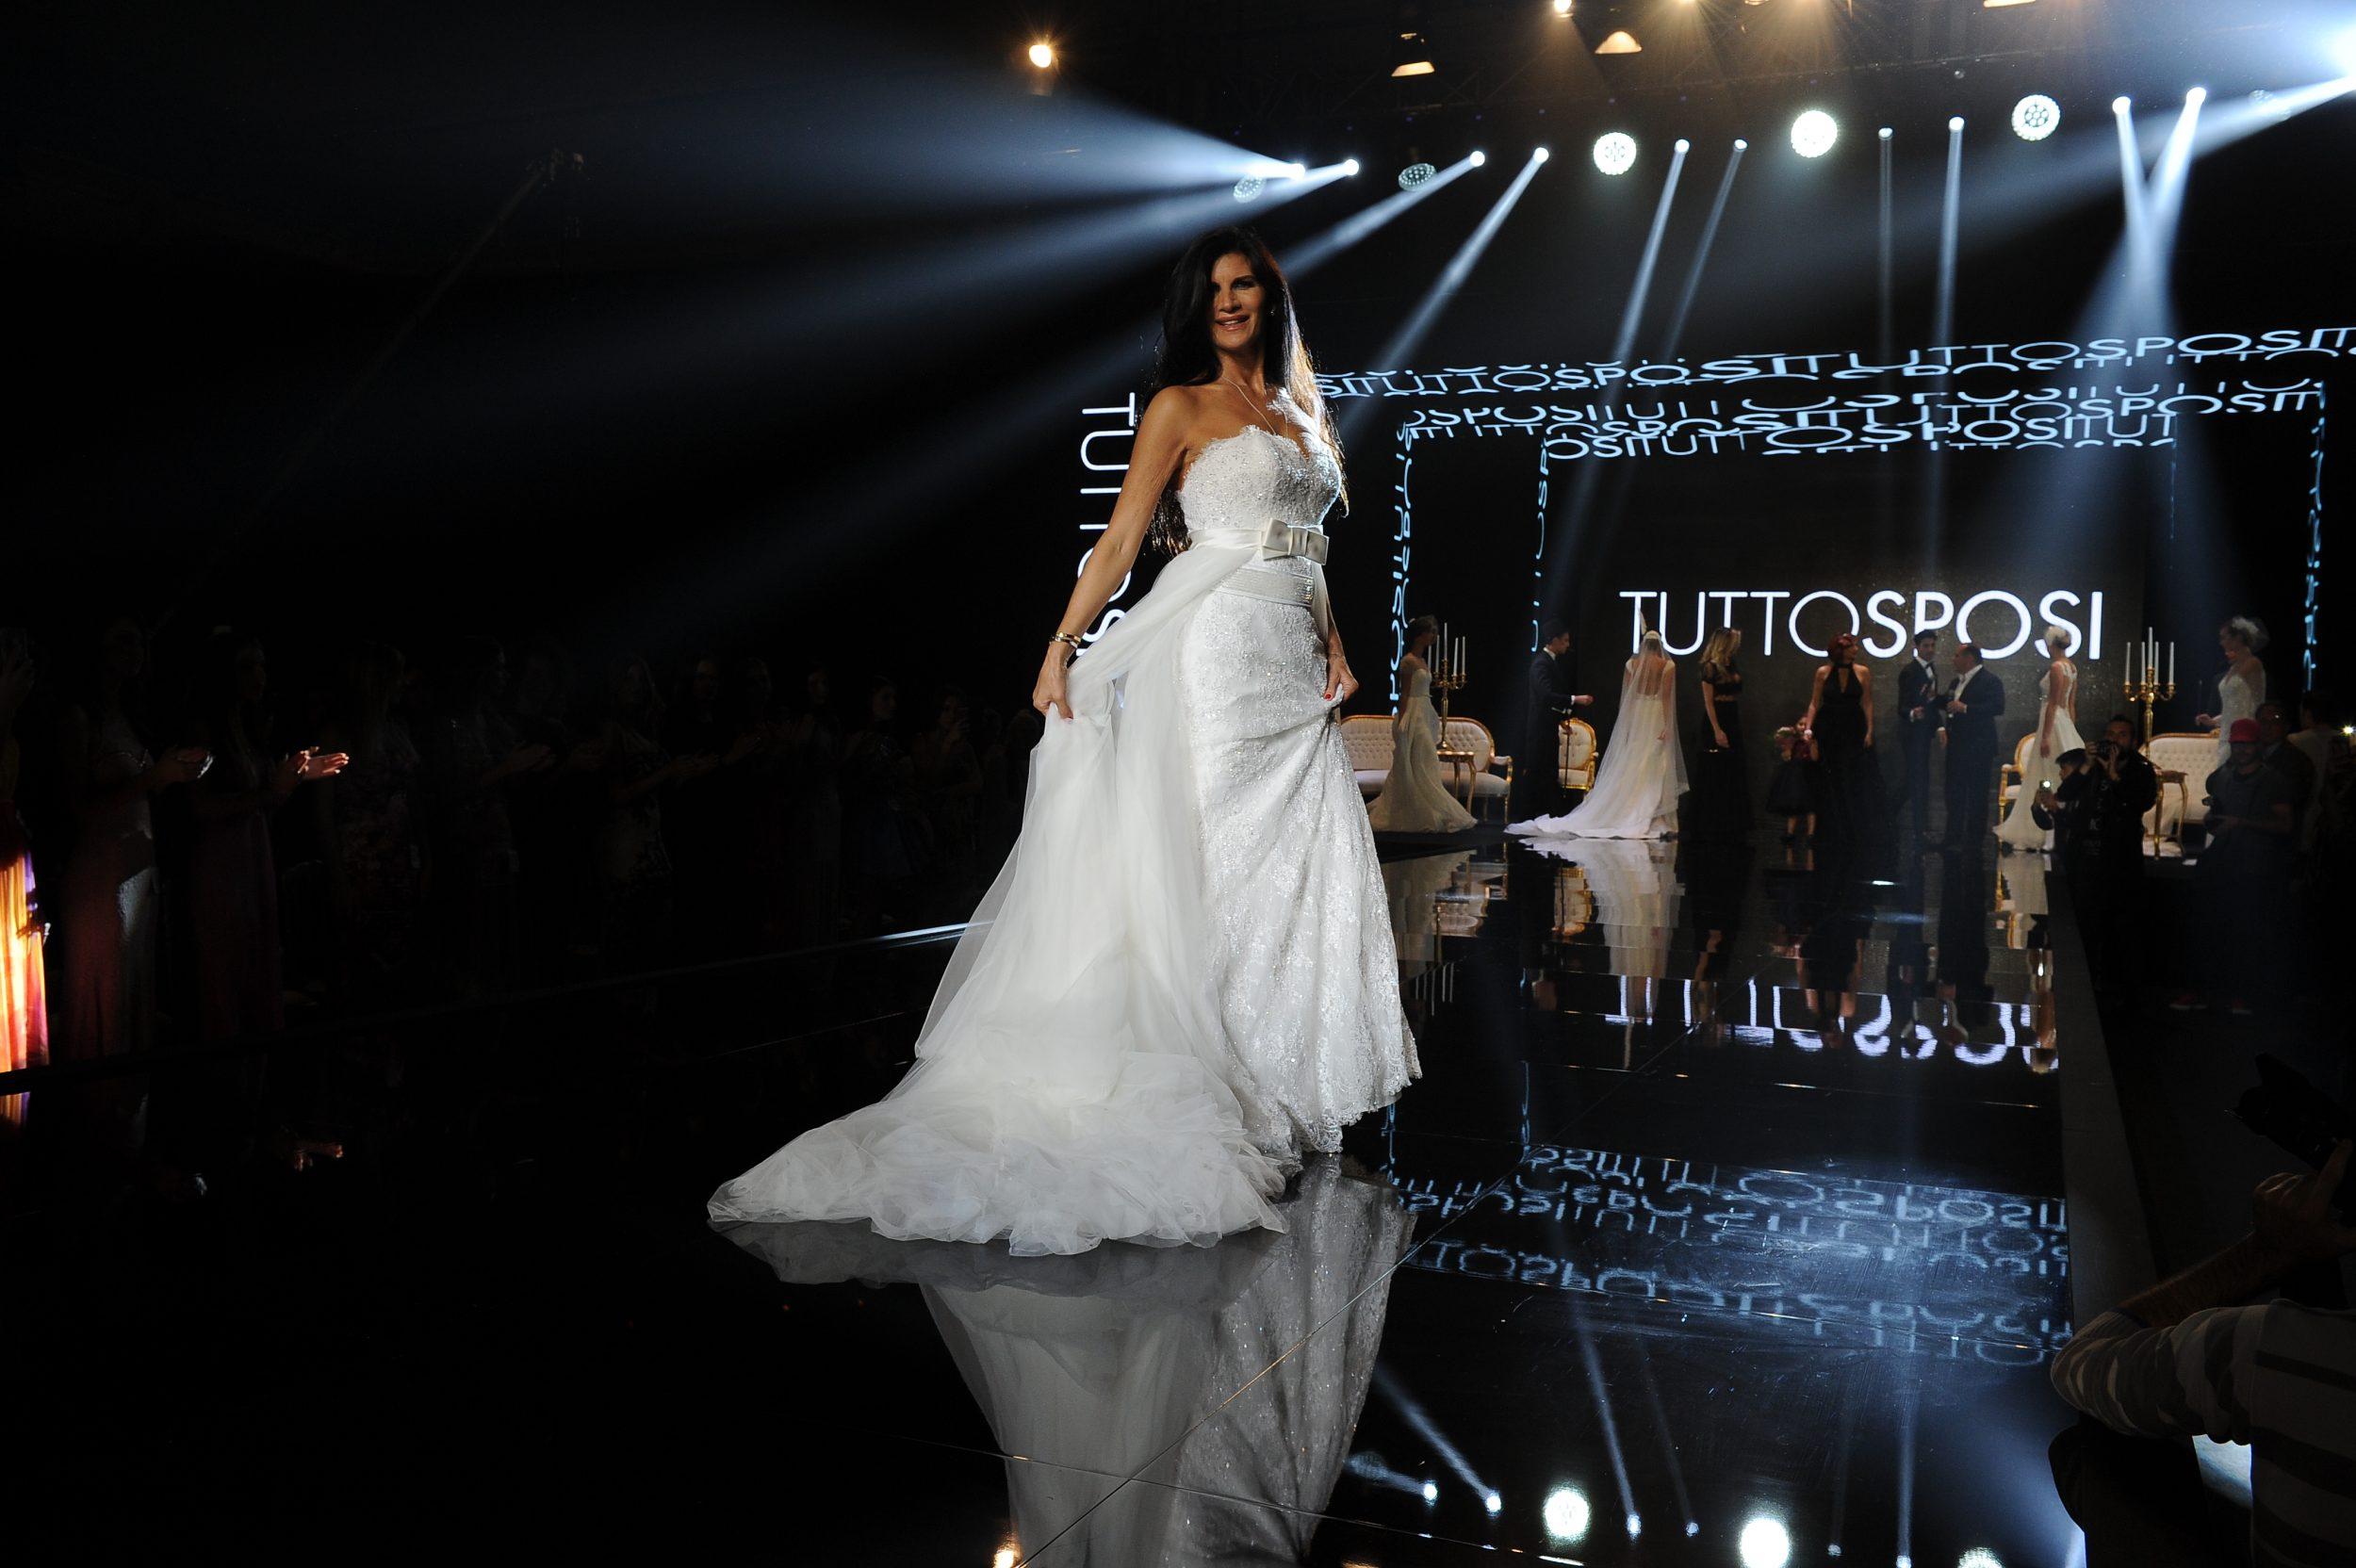 Napoli: Tuttosposi, il wedding fa spettacolo. Torna domani alla Mostra d'Oltremare